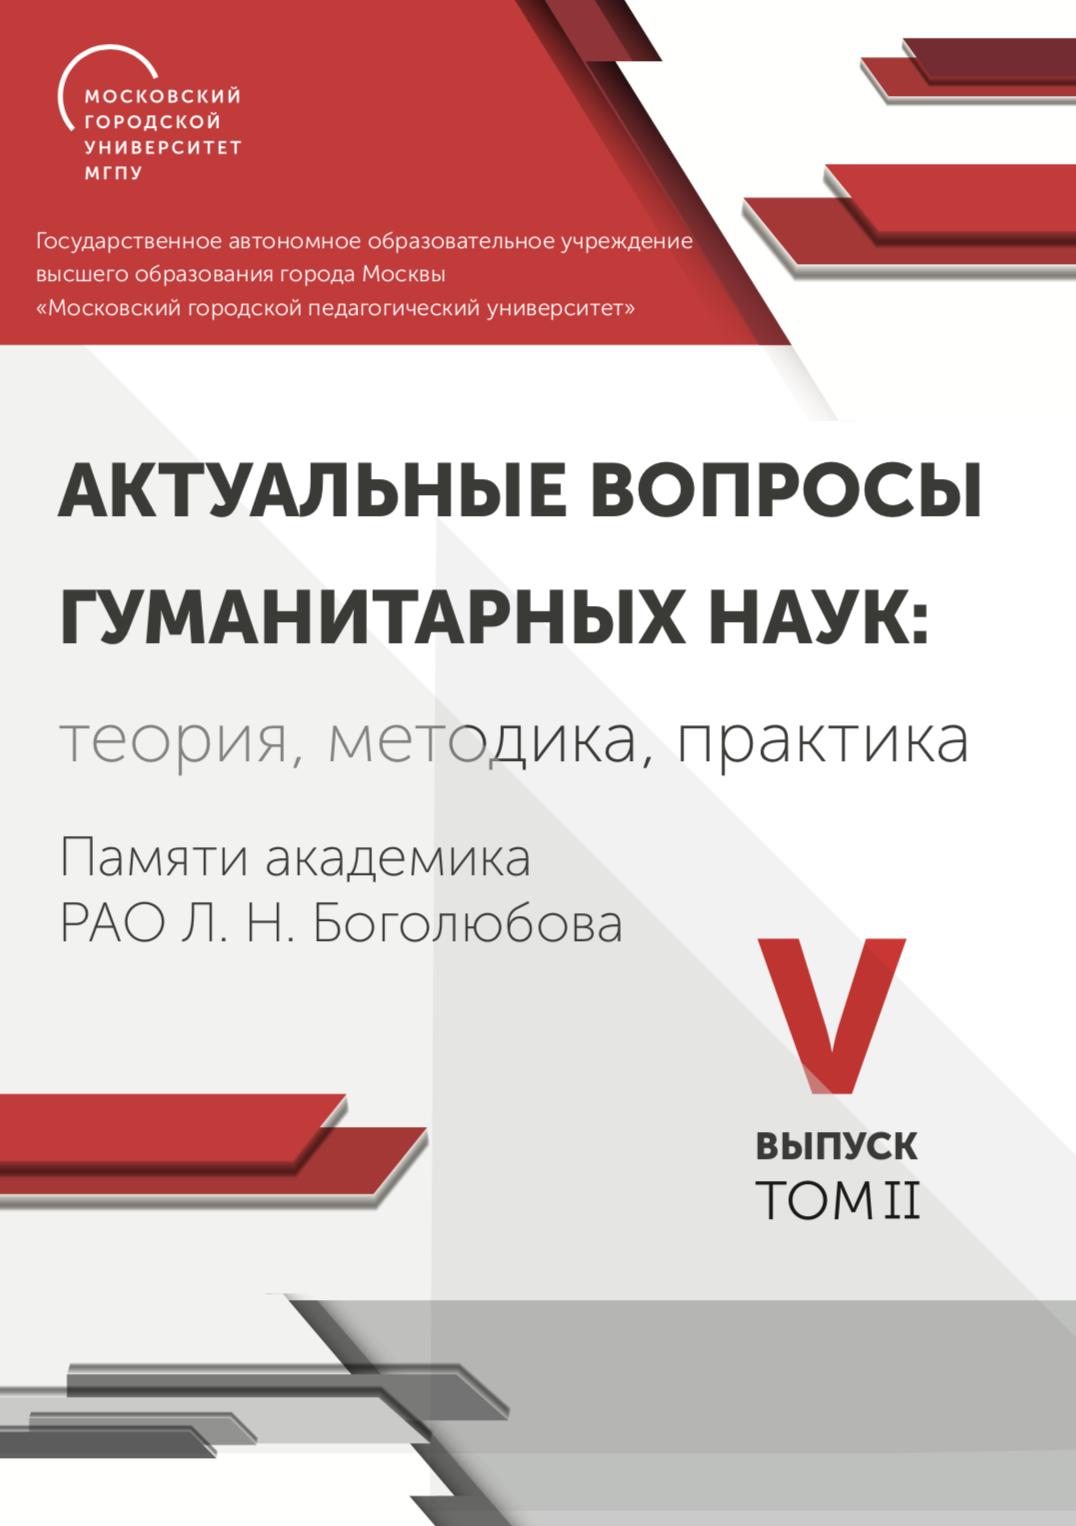 КАФЕДРАЛЬНЫЙ СБОРНИК 2018 том 2 / под ред. А.А. СОРОКИНА